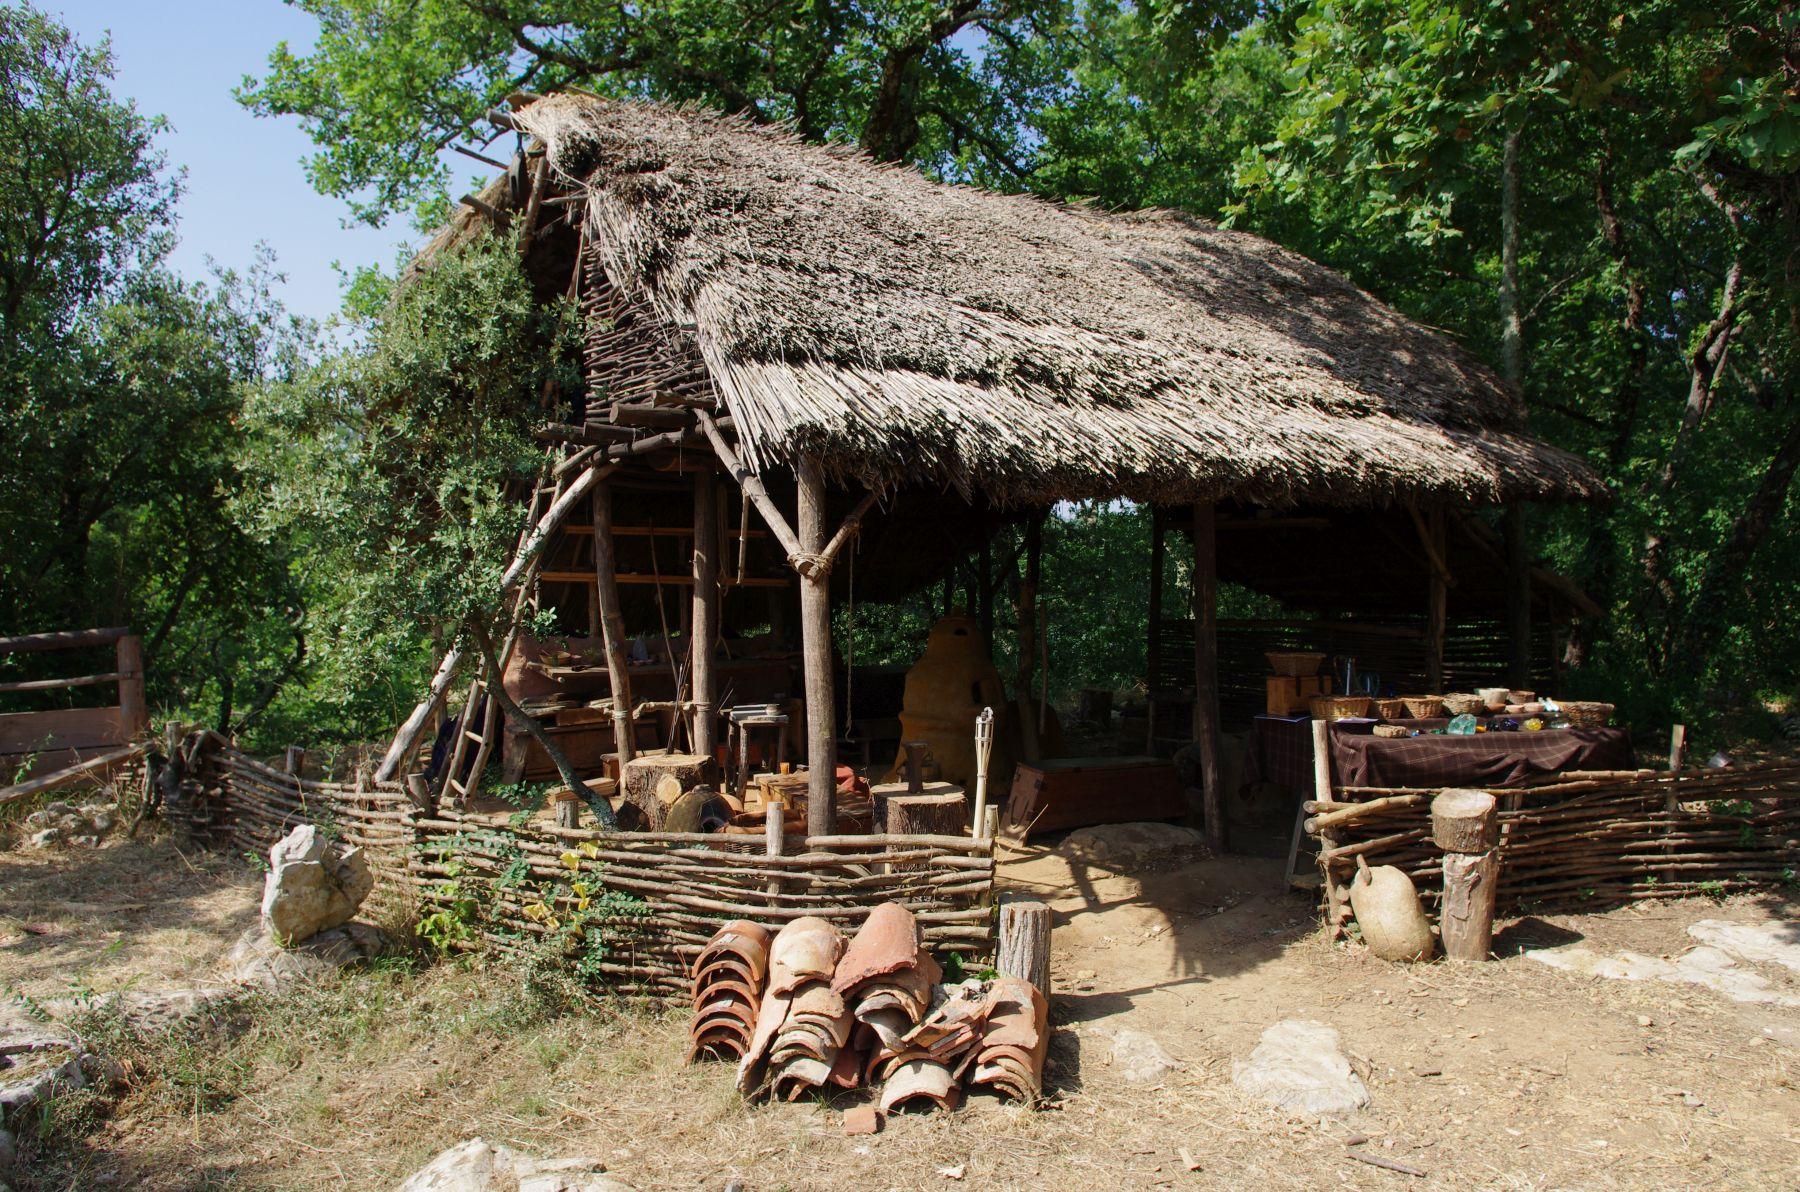 Randa Ardesca Archéosite d'Ardèche - L'atelier du verrier